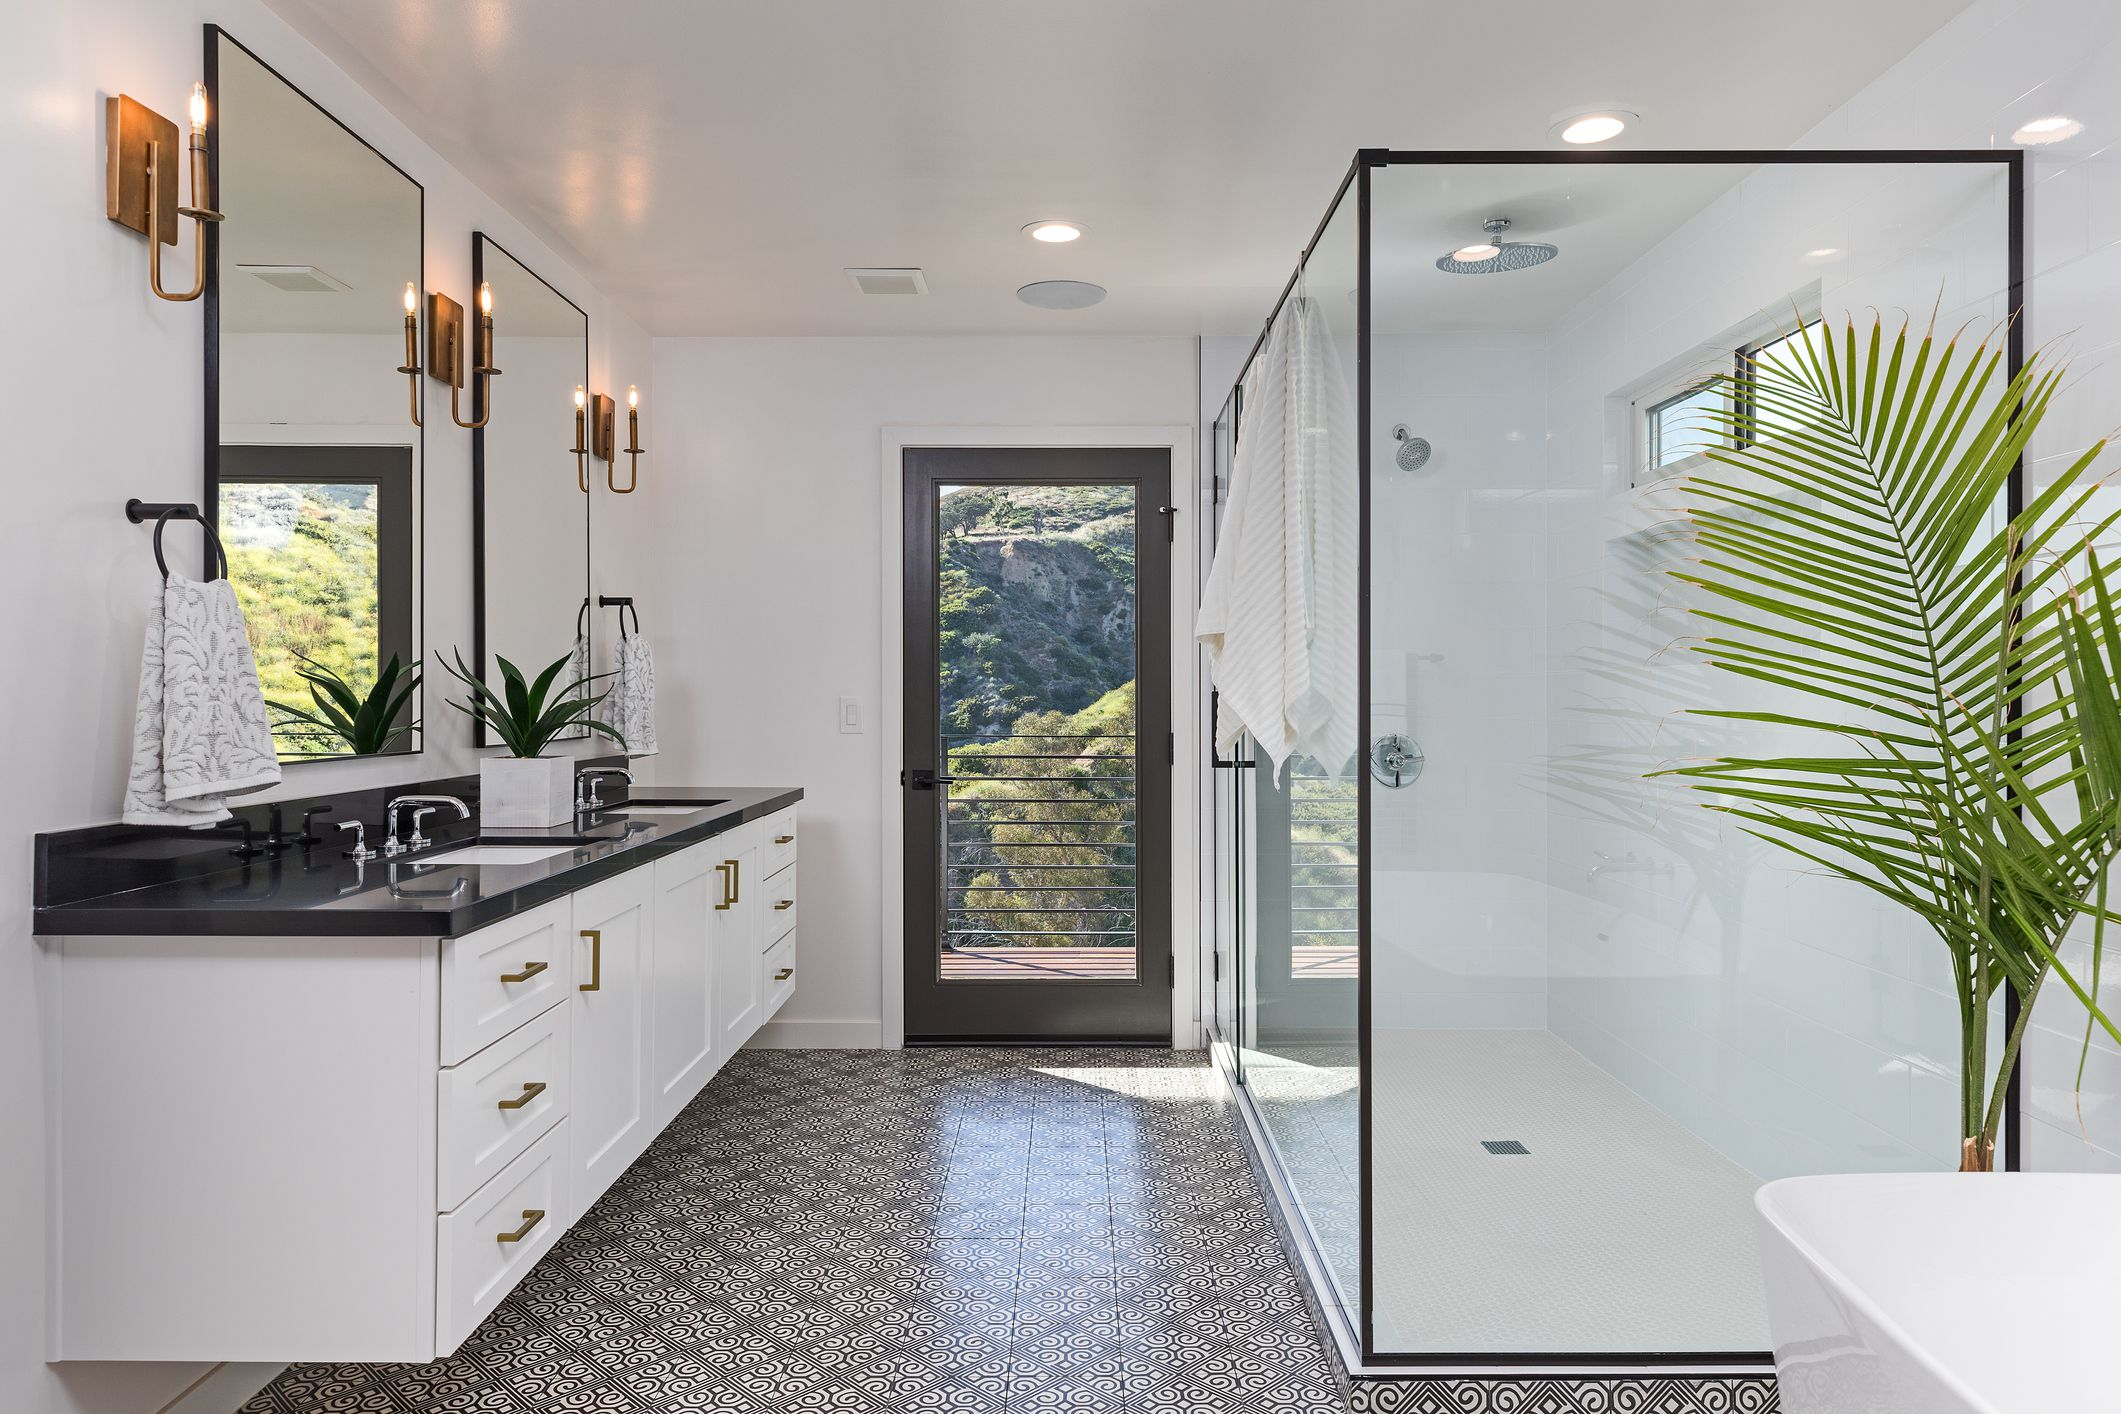 Bathroom Shower Remodel Ideas on Bathroom Remodel Design Ideas  id=86315